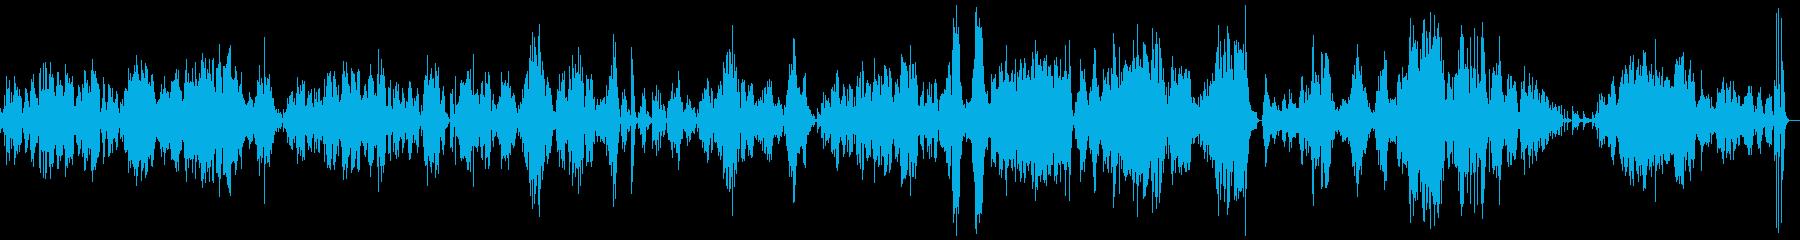 モーツァルトピアノソナタK333第3楽章の再生済みの波形